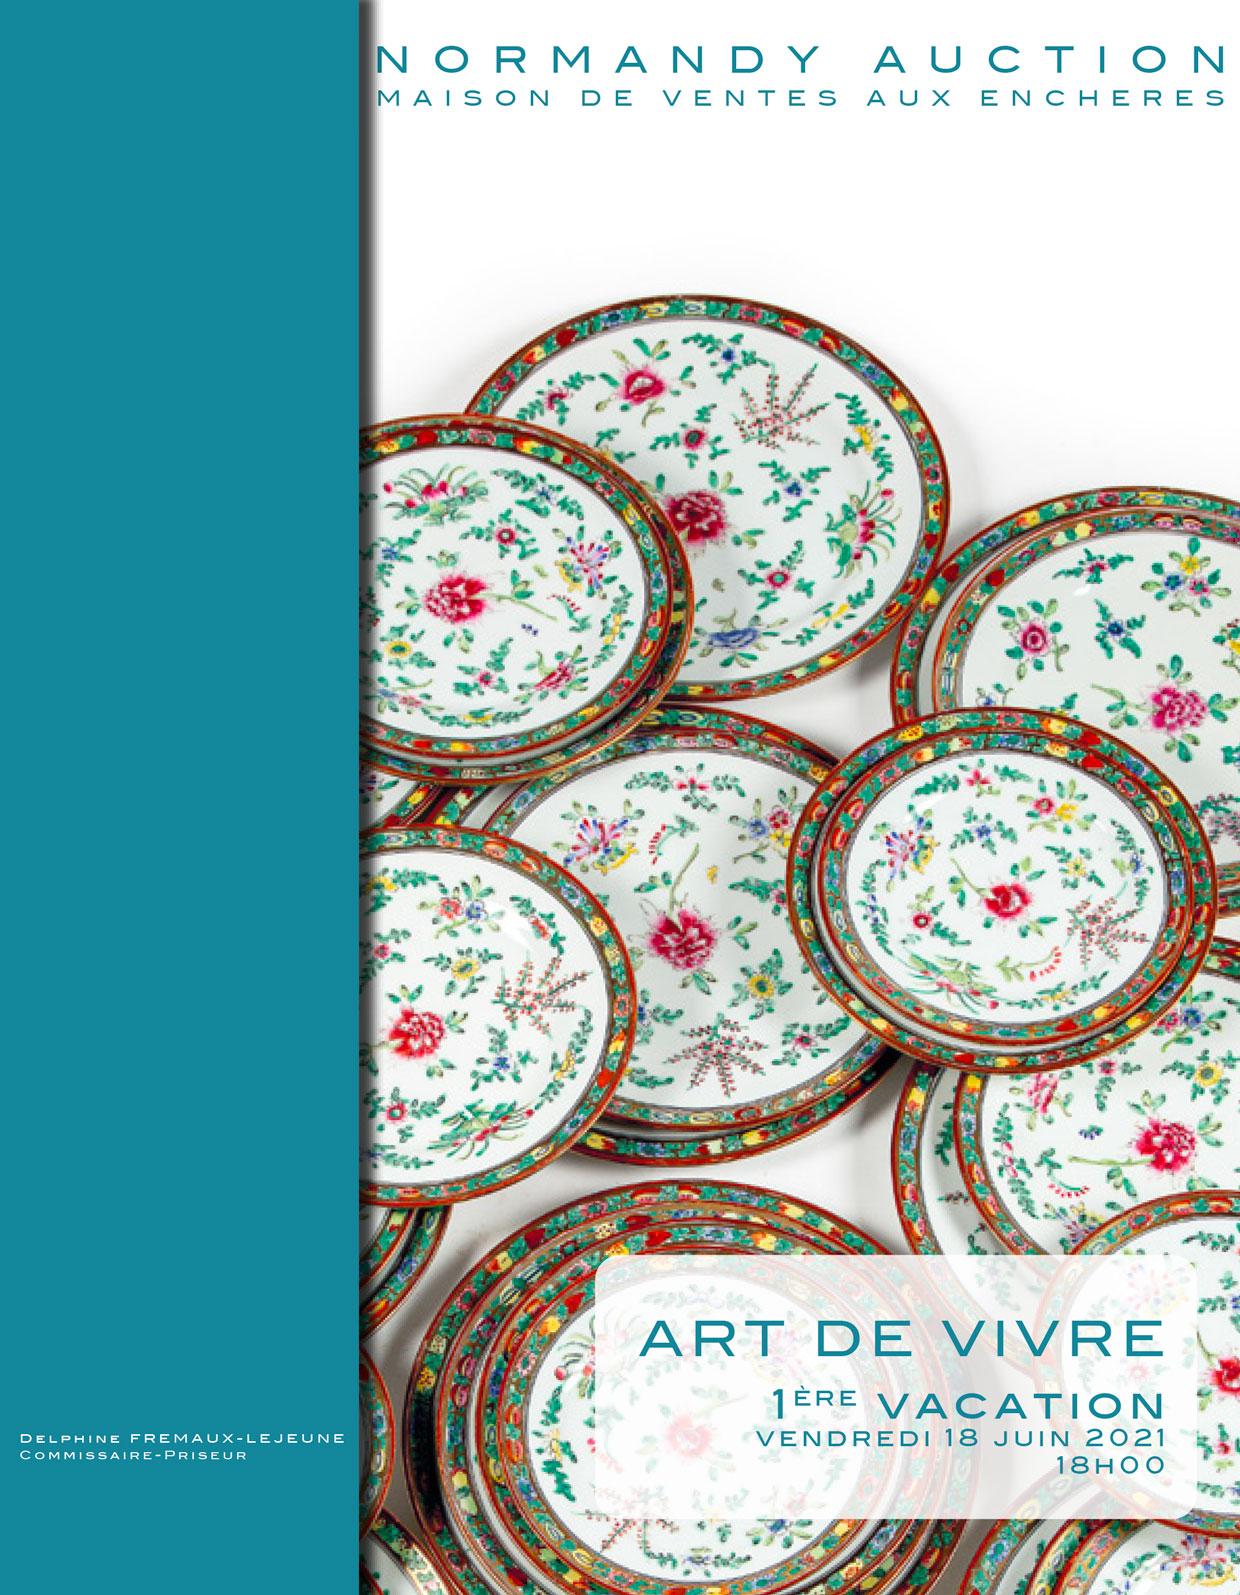 Vente Vente Prestige Juin 2021 - Arts de vivre chez Normandy Auction : 226 lots